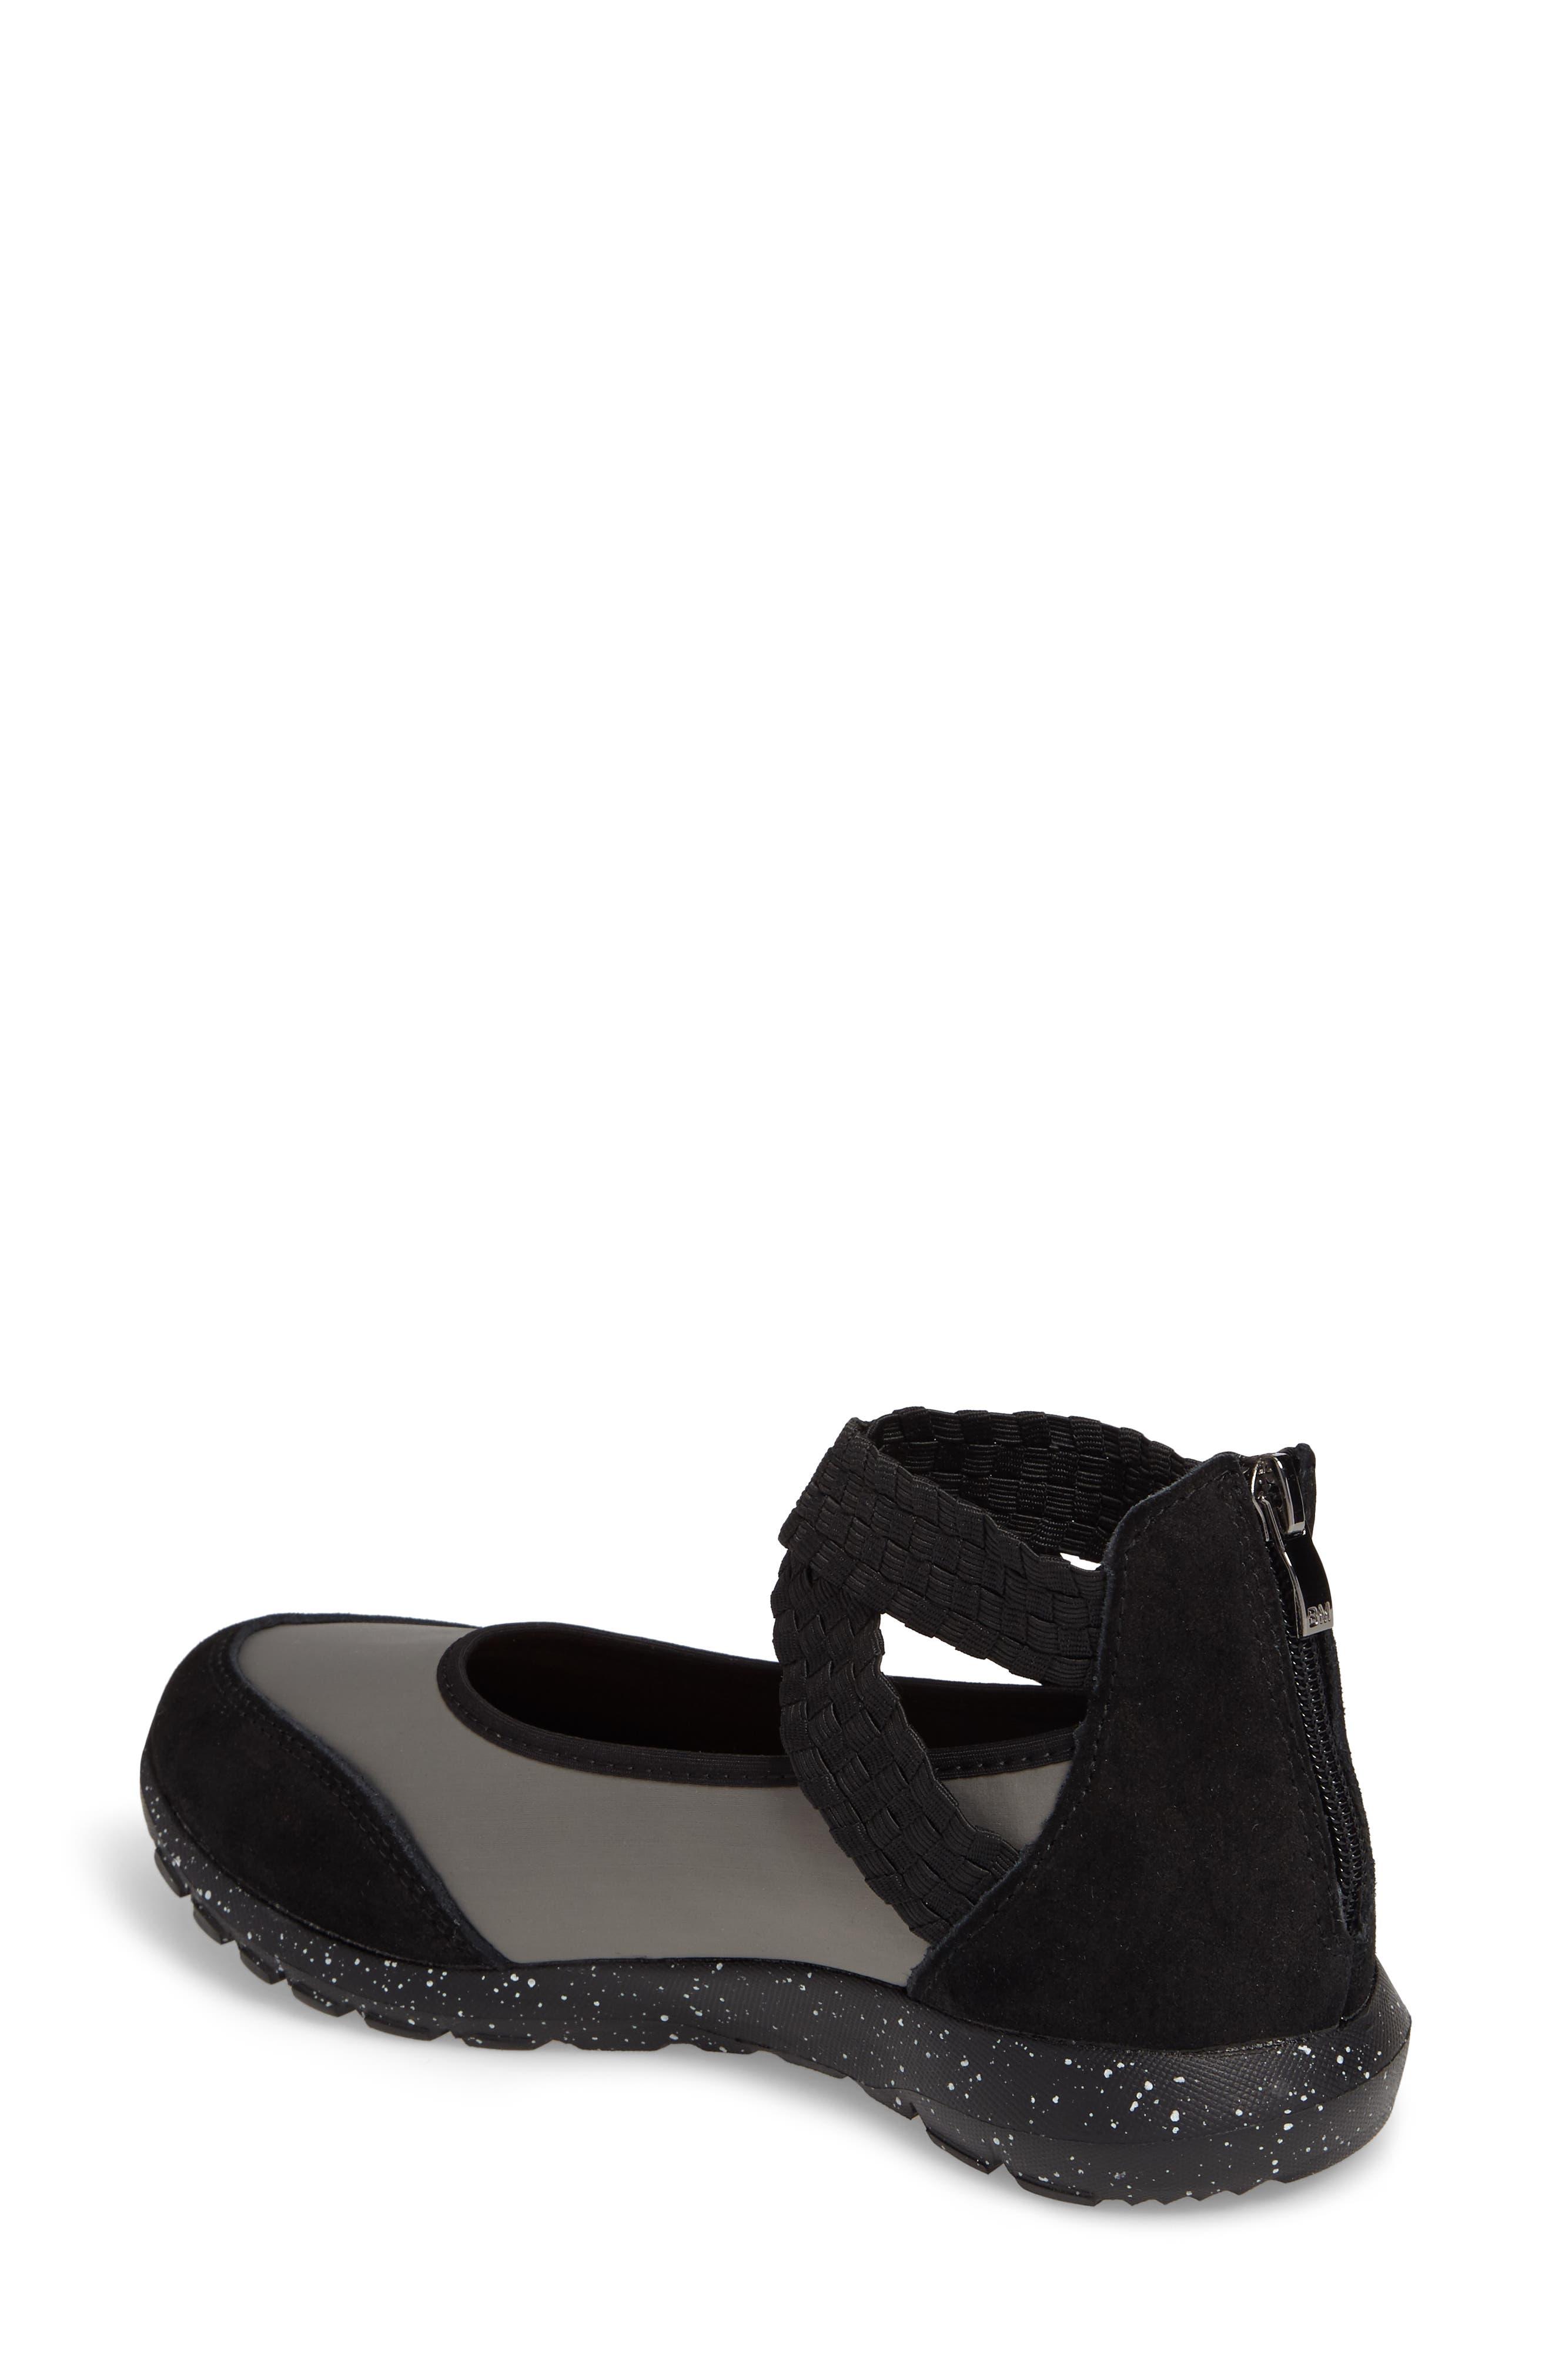 Alternate Image 2  - Bernie Mev Runner Flow Sneaker (Women)